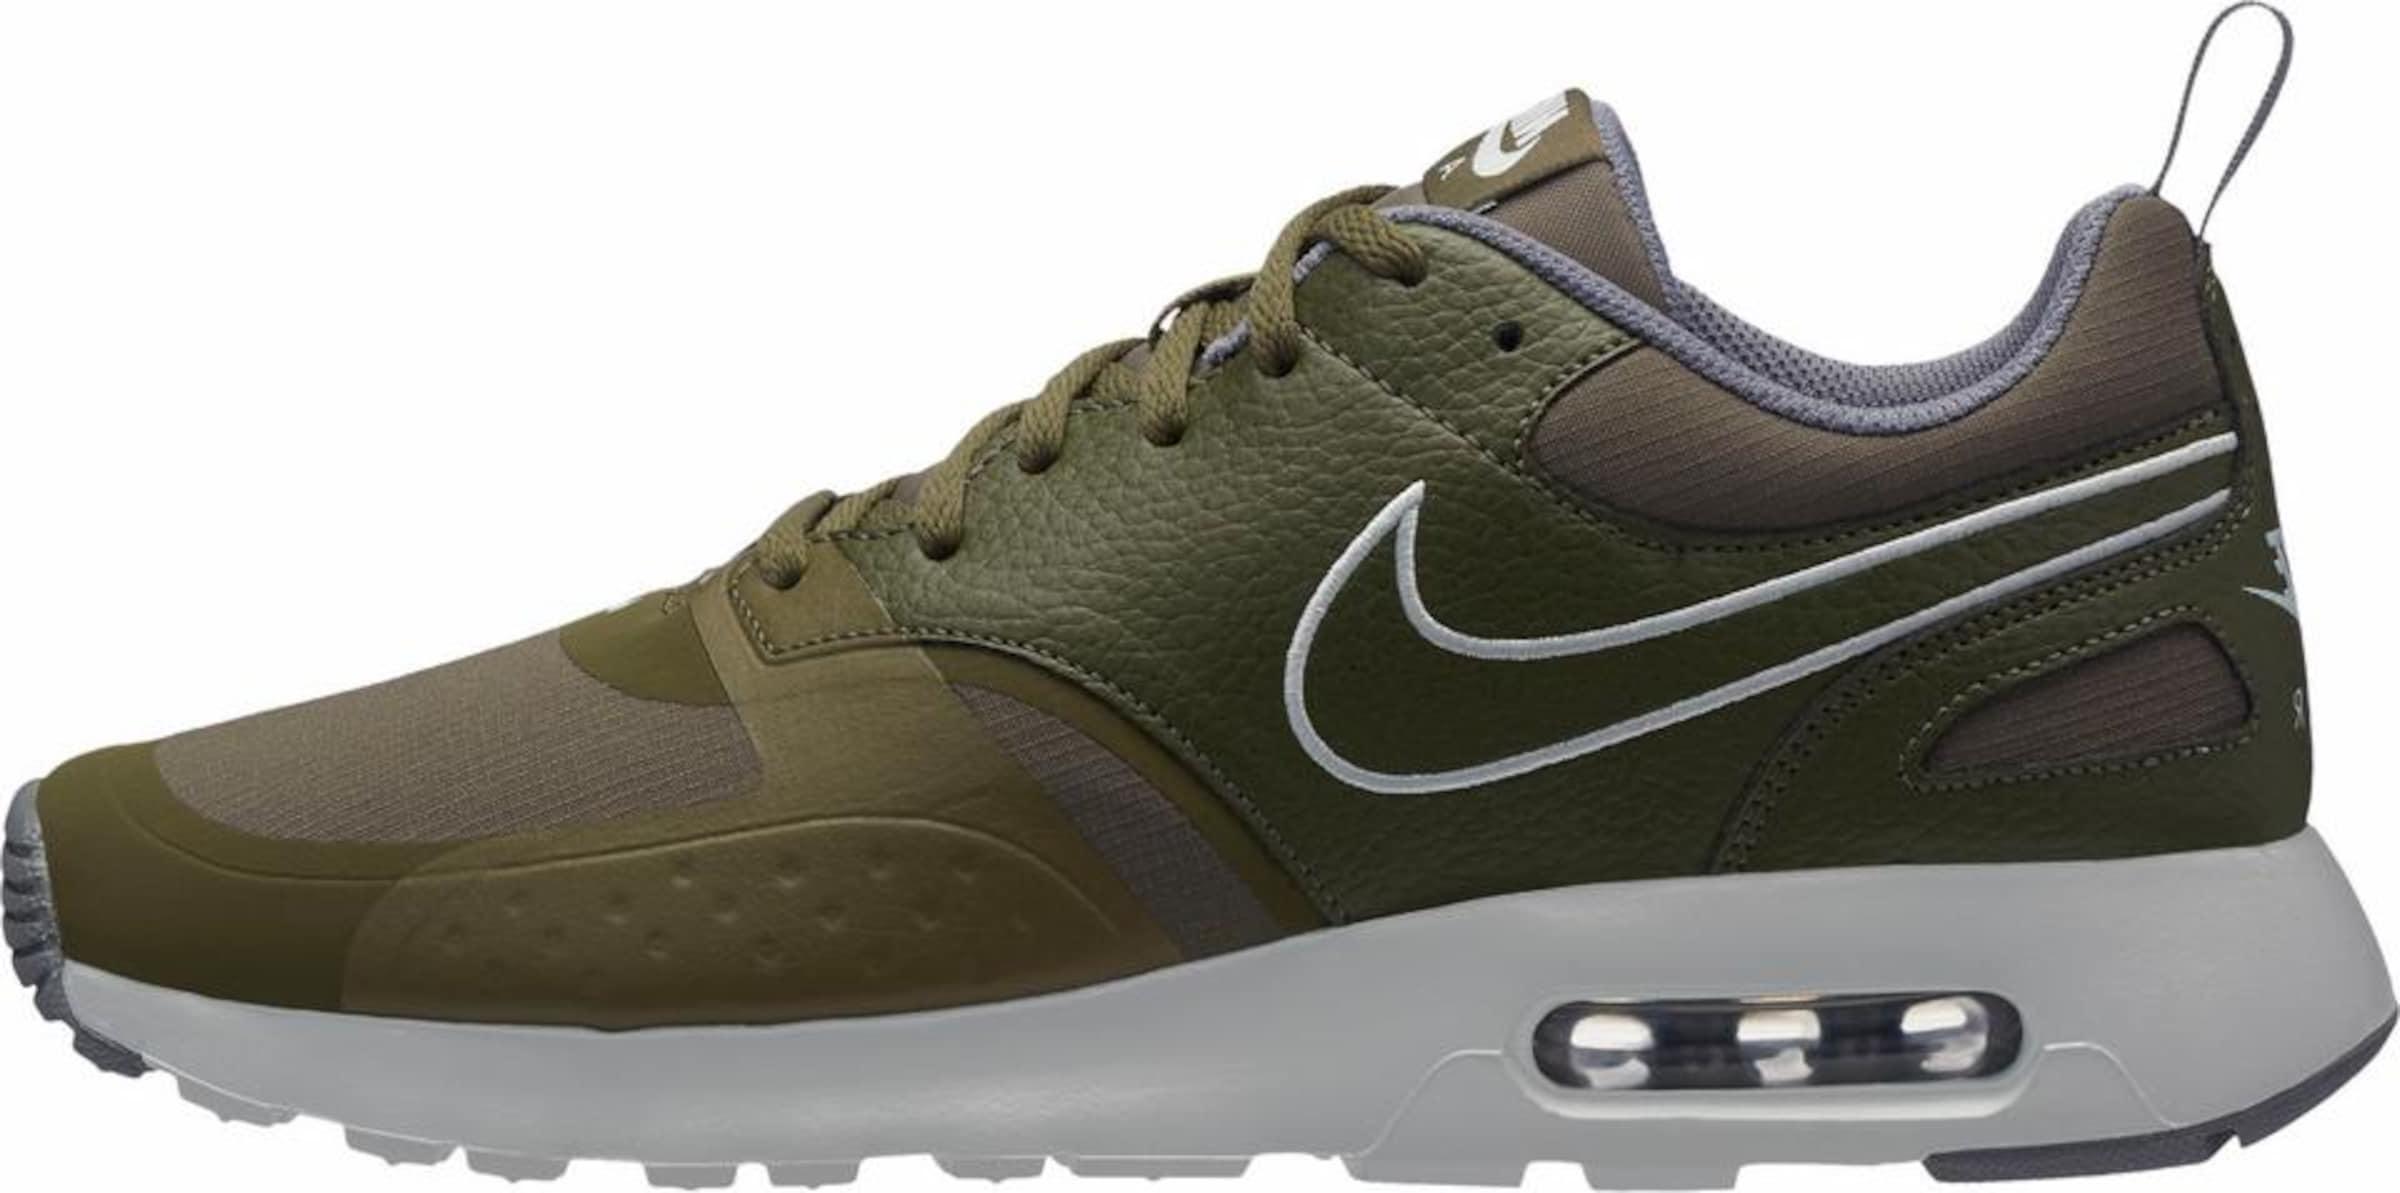 Nike Sportswear   Turnschuhe Vision Air Max Vision Turnschuhe SE 295791